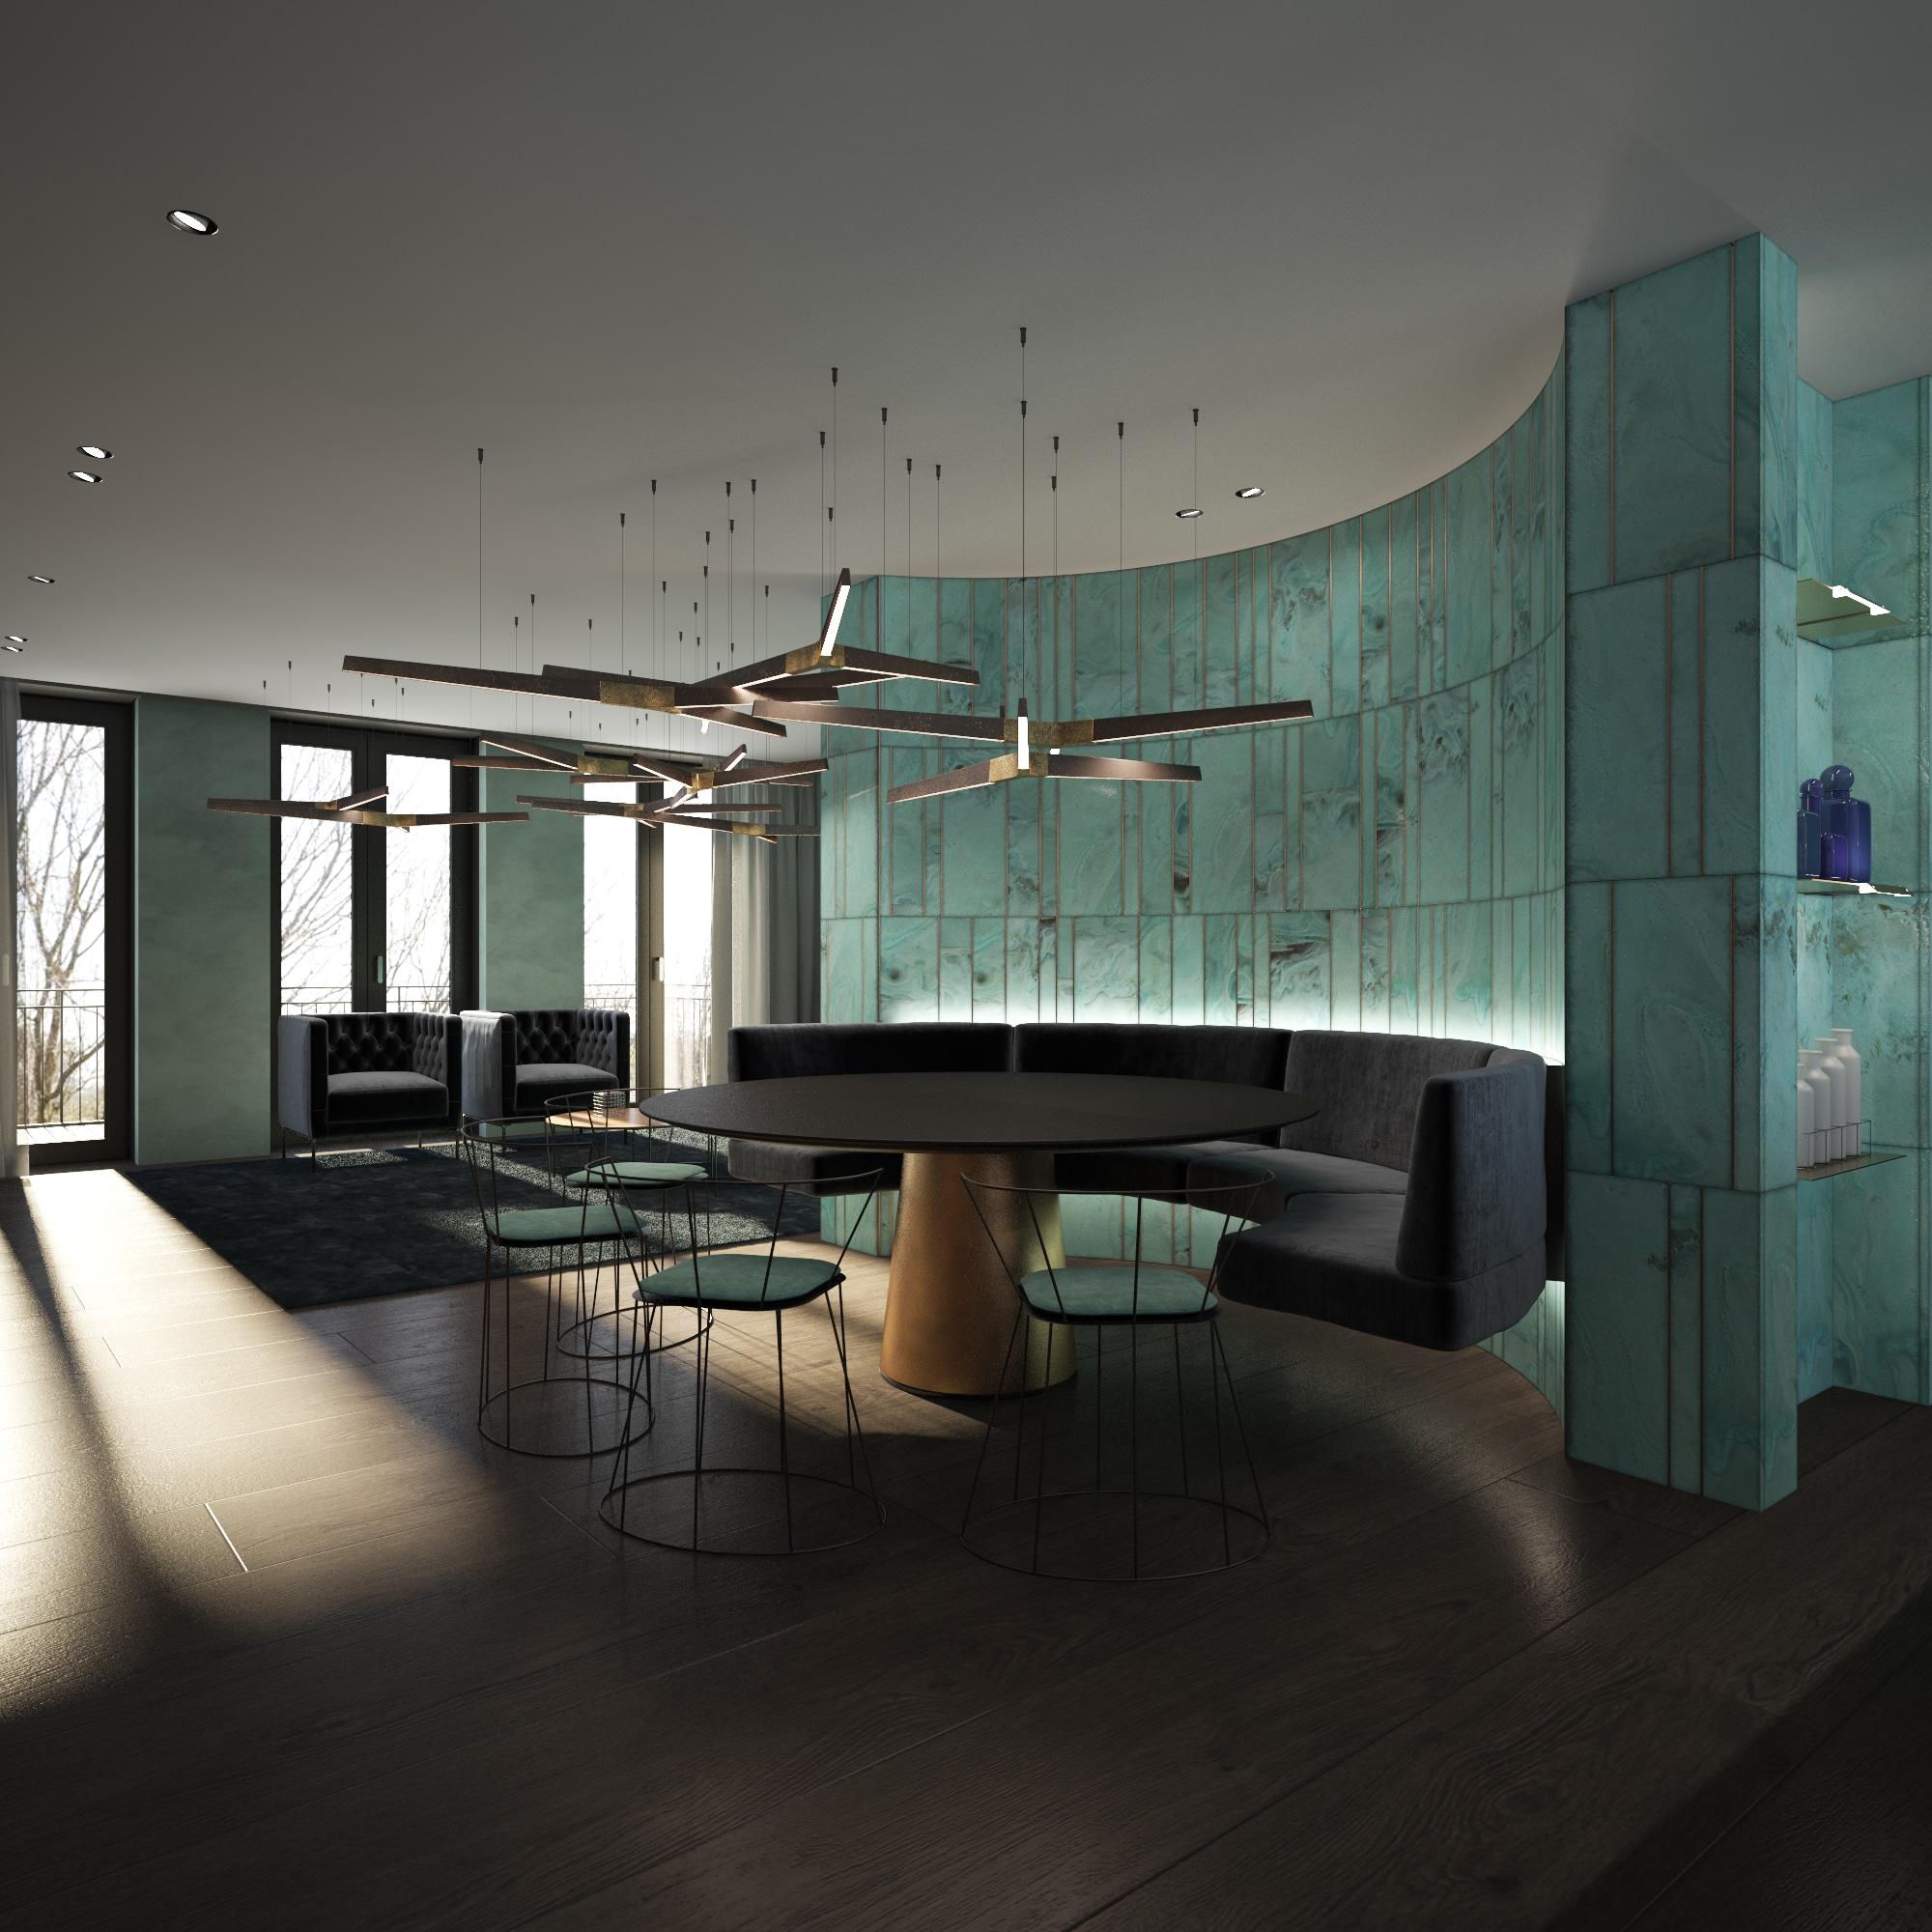 Wall textures and lighting Dis Studio